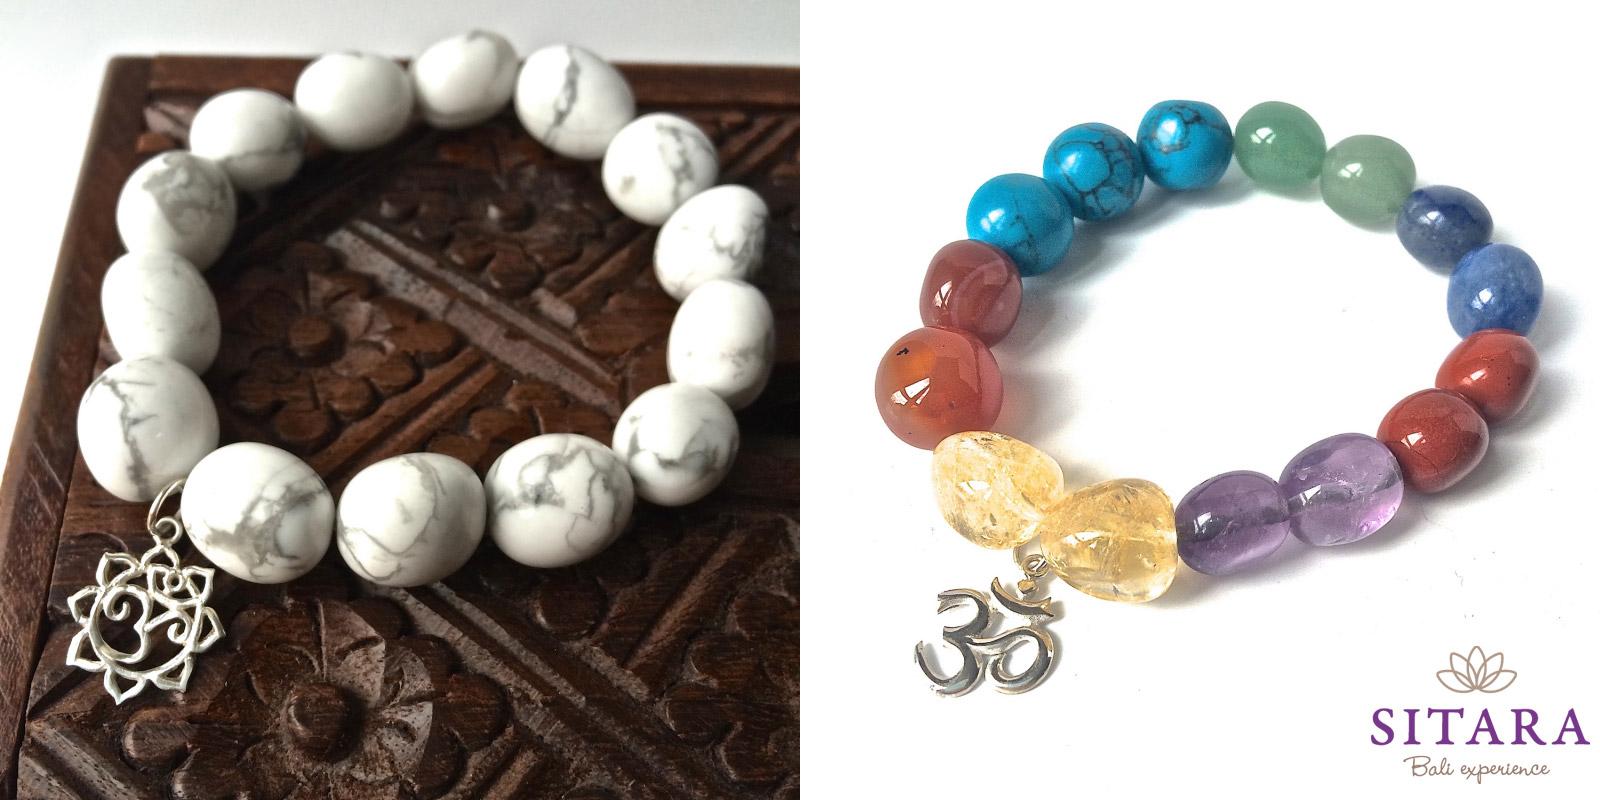 Náramky z e-shopu Sitara: čakrový náramek a náramek z magnezitem.